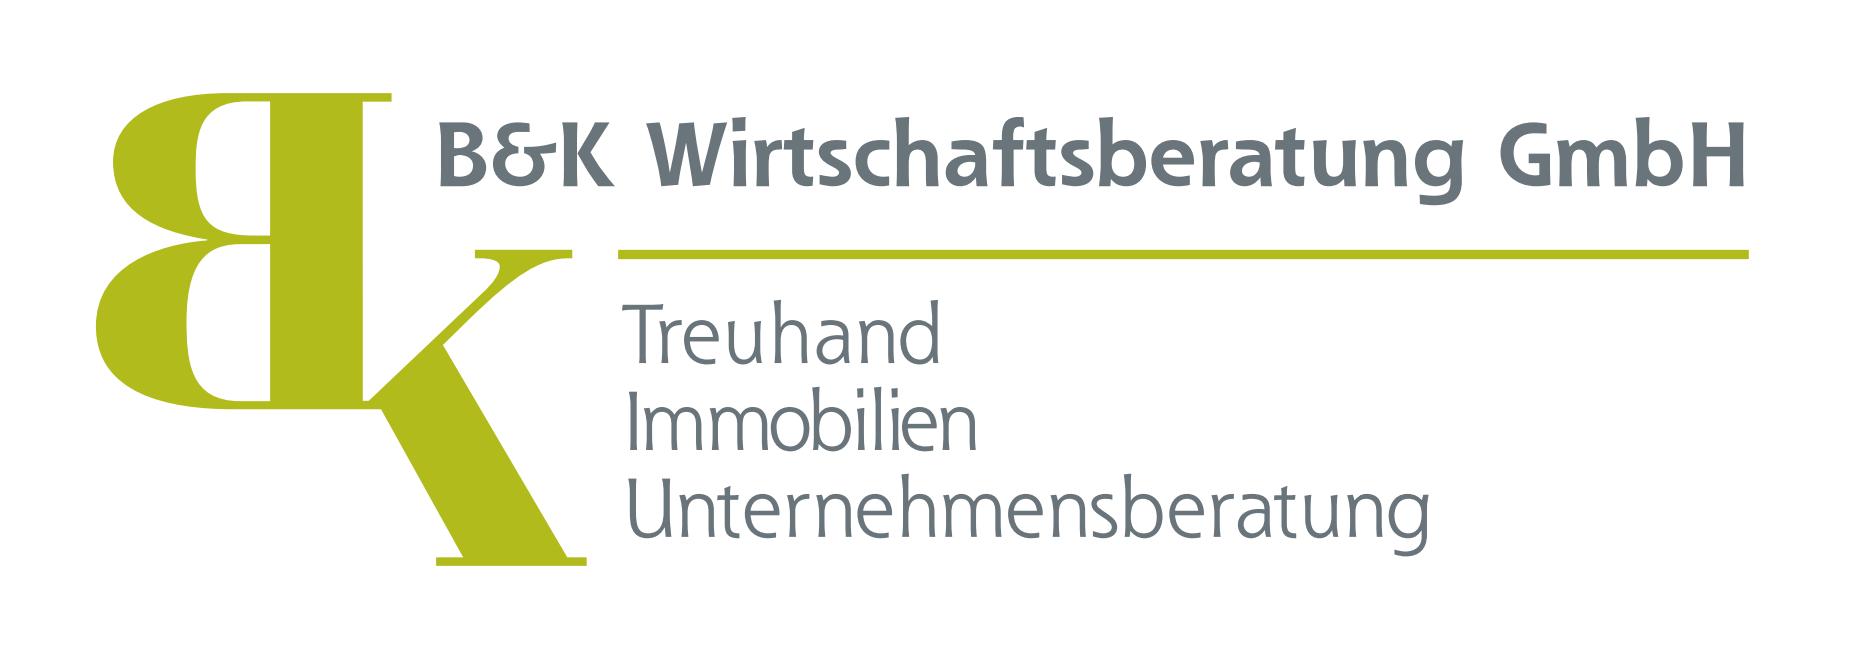 B&K Wirtschaftsberatung GmbH